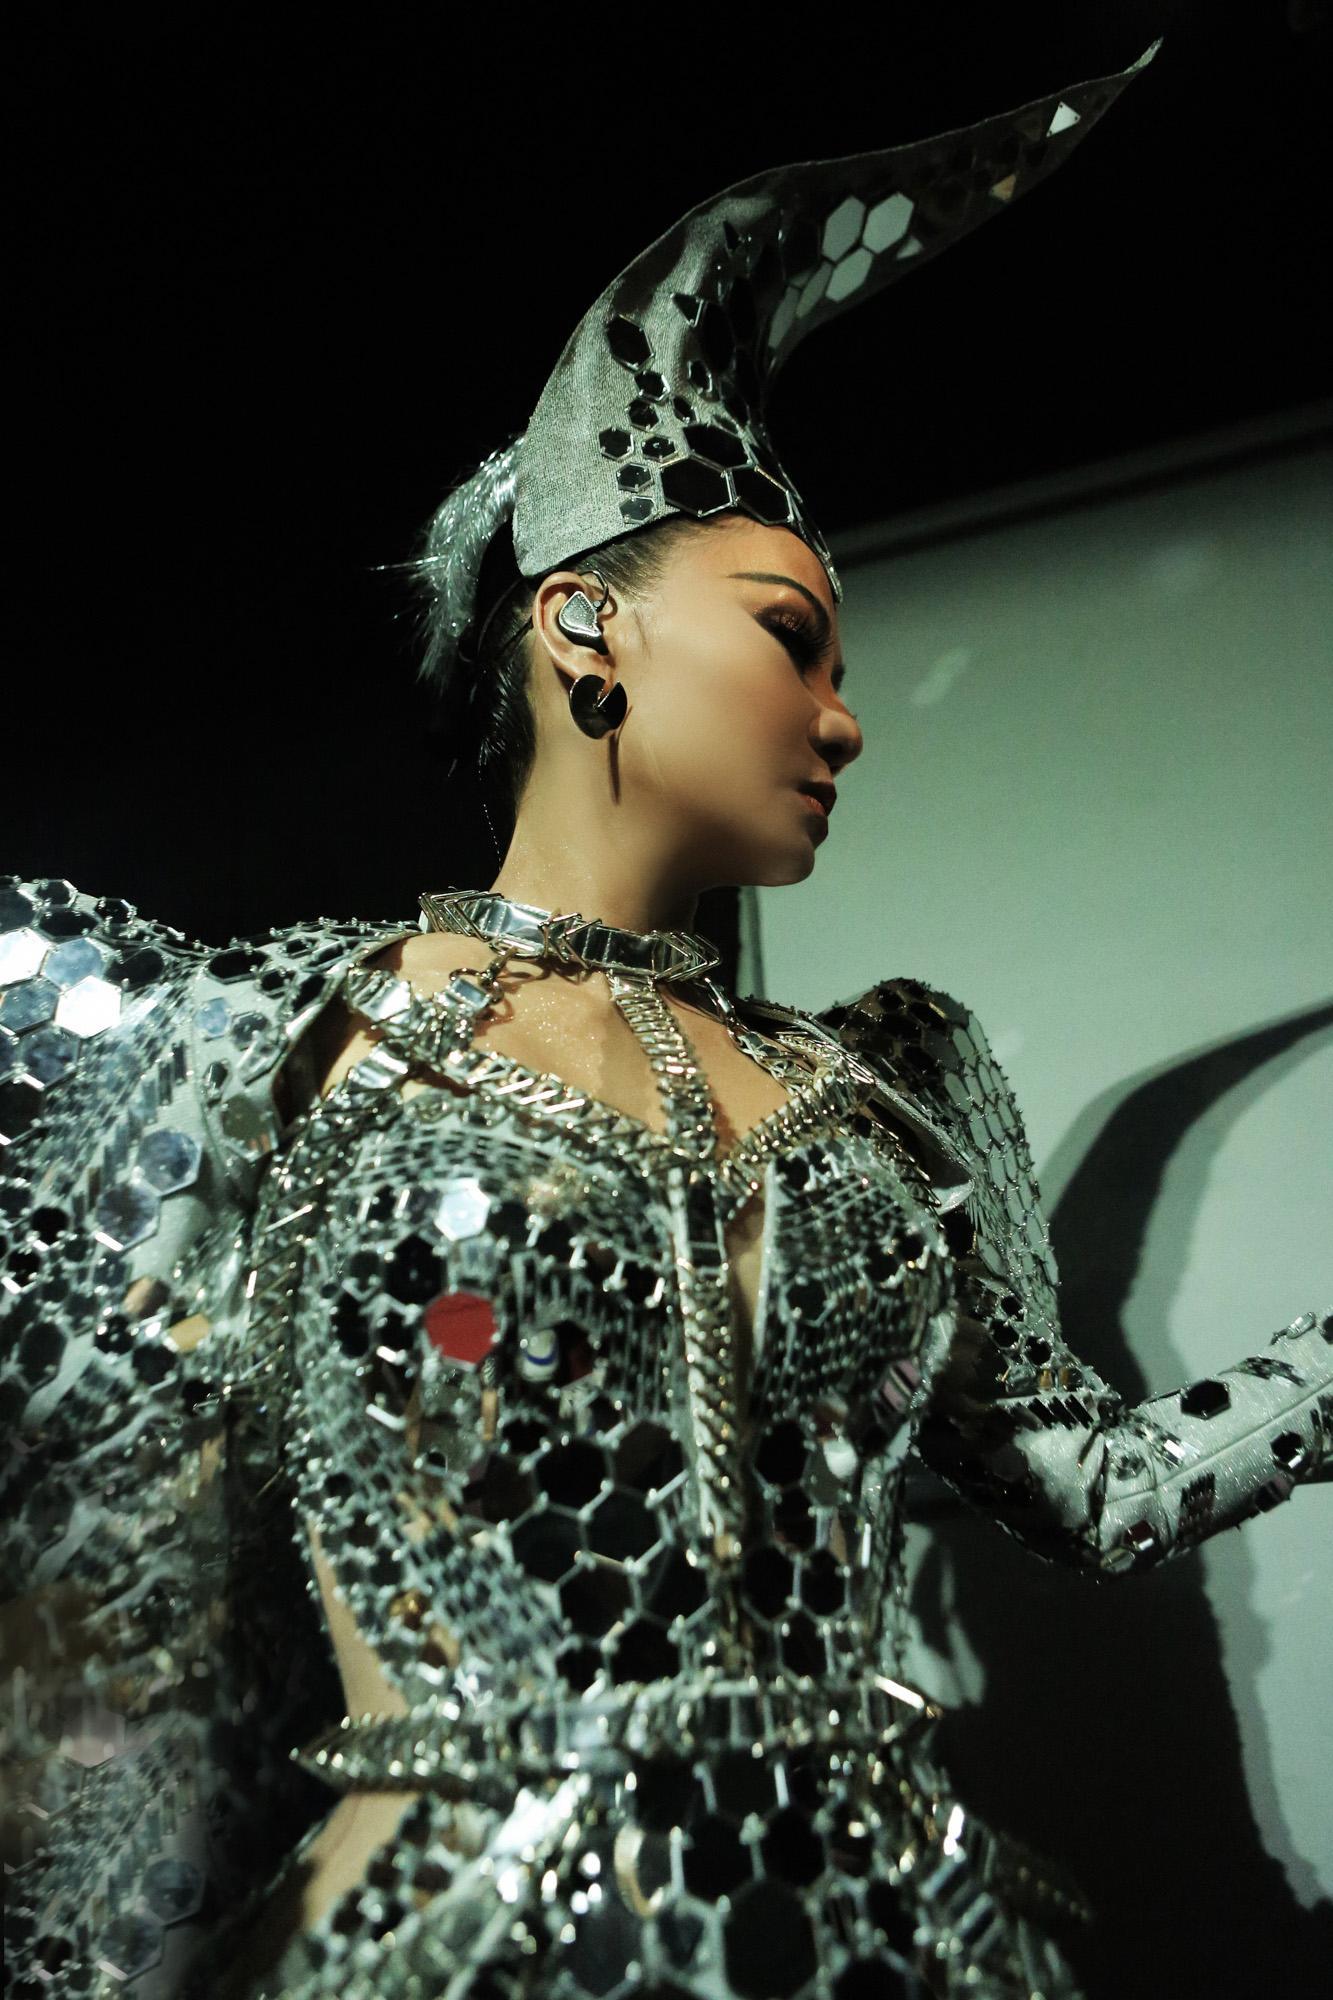 Bí ẩn các thiết kế lấp lánh của ca sĩ Thu Minh trong 'I AM DIVA' Ảnh 8